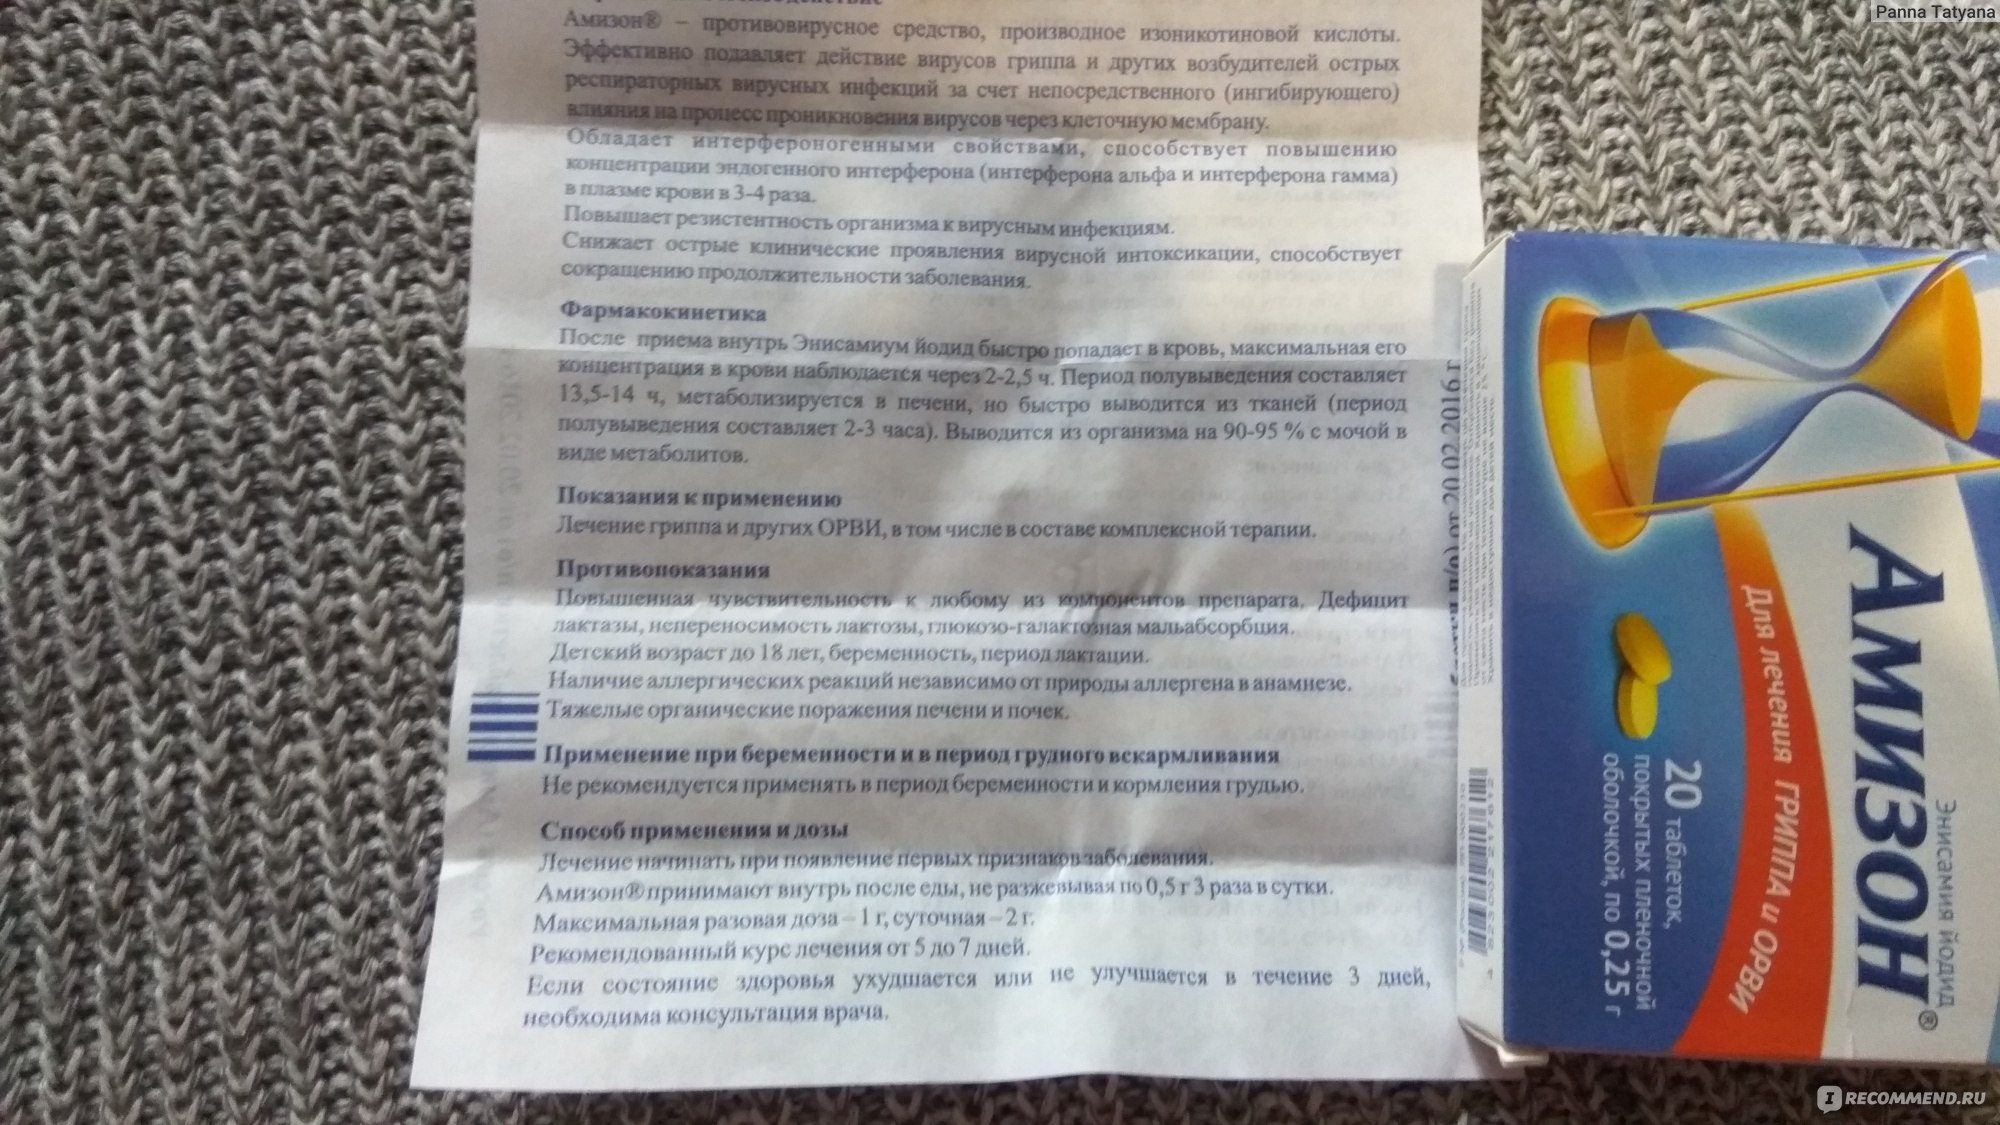 амизон инструкция по применению для детей 6-12